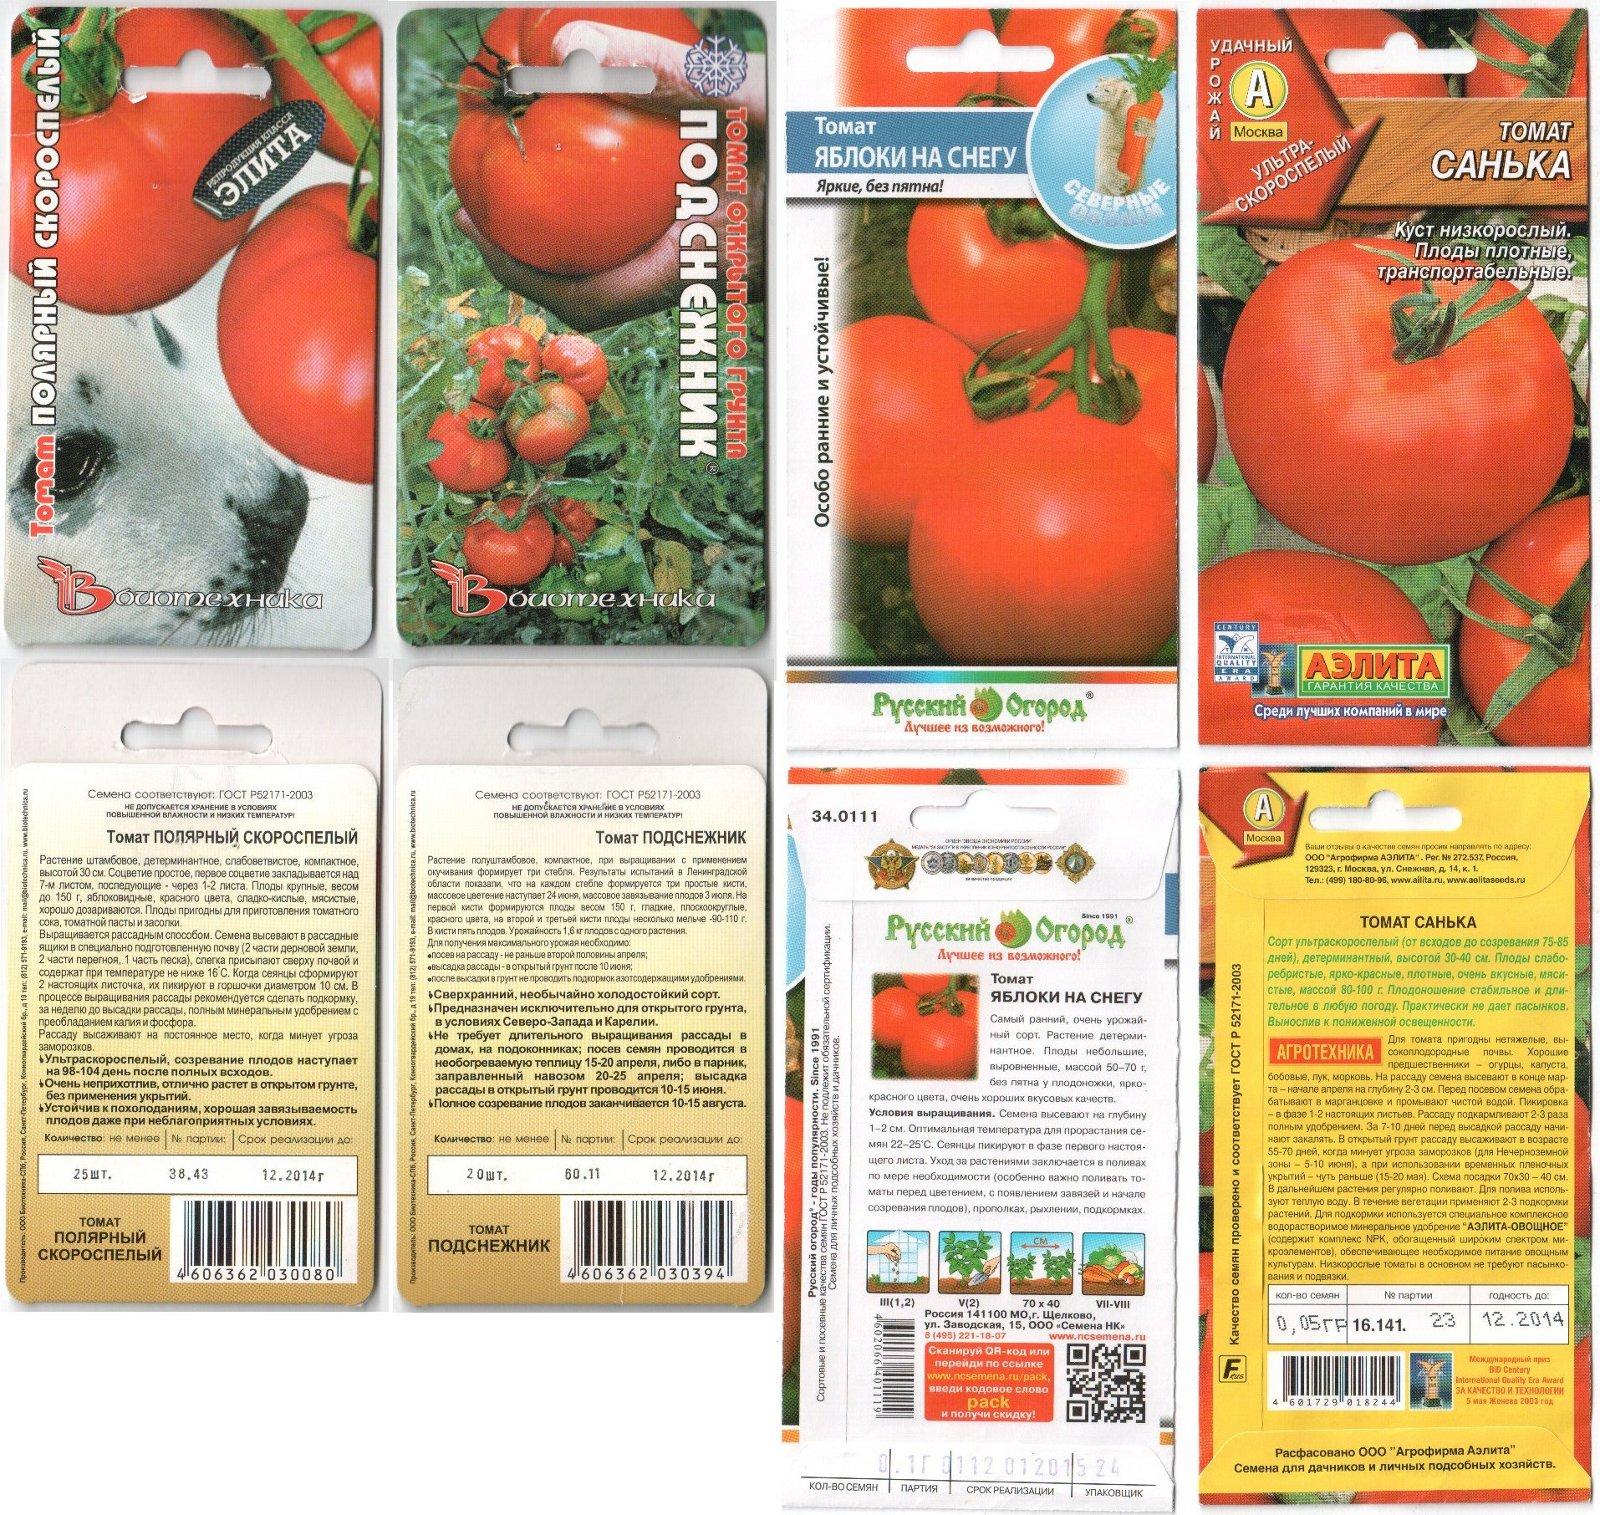 Томат яблоки на снегу: отзывы, фото, урожайность, описание и характеристика   tomatland.ru